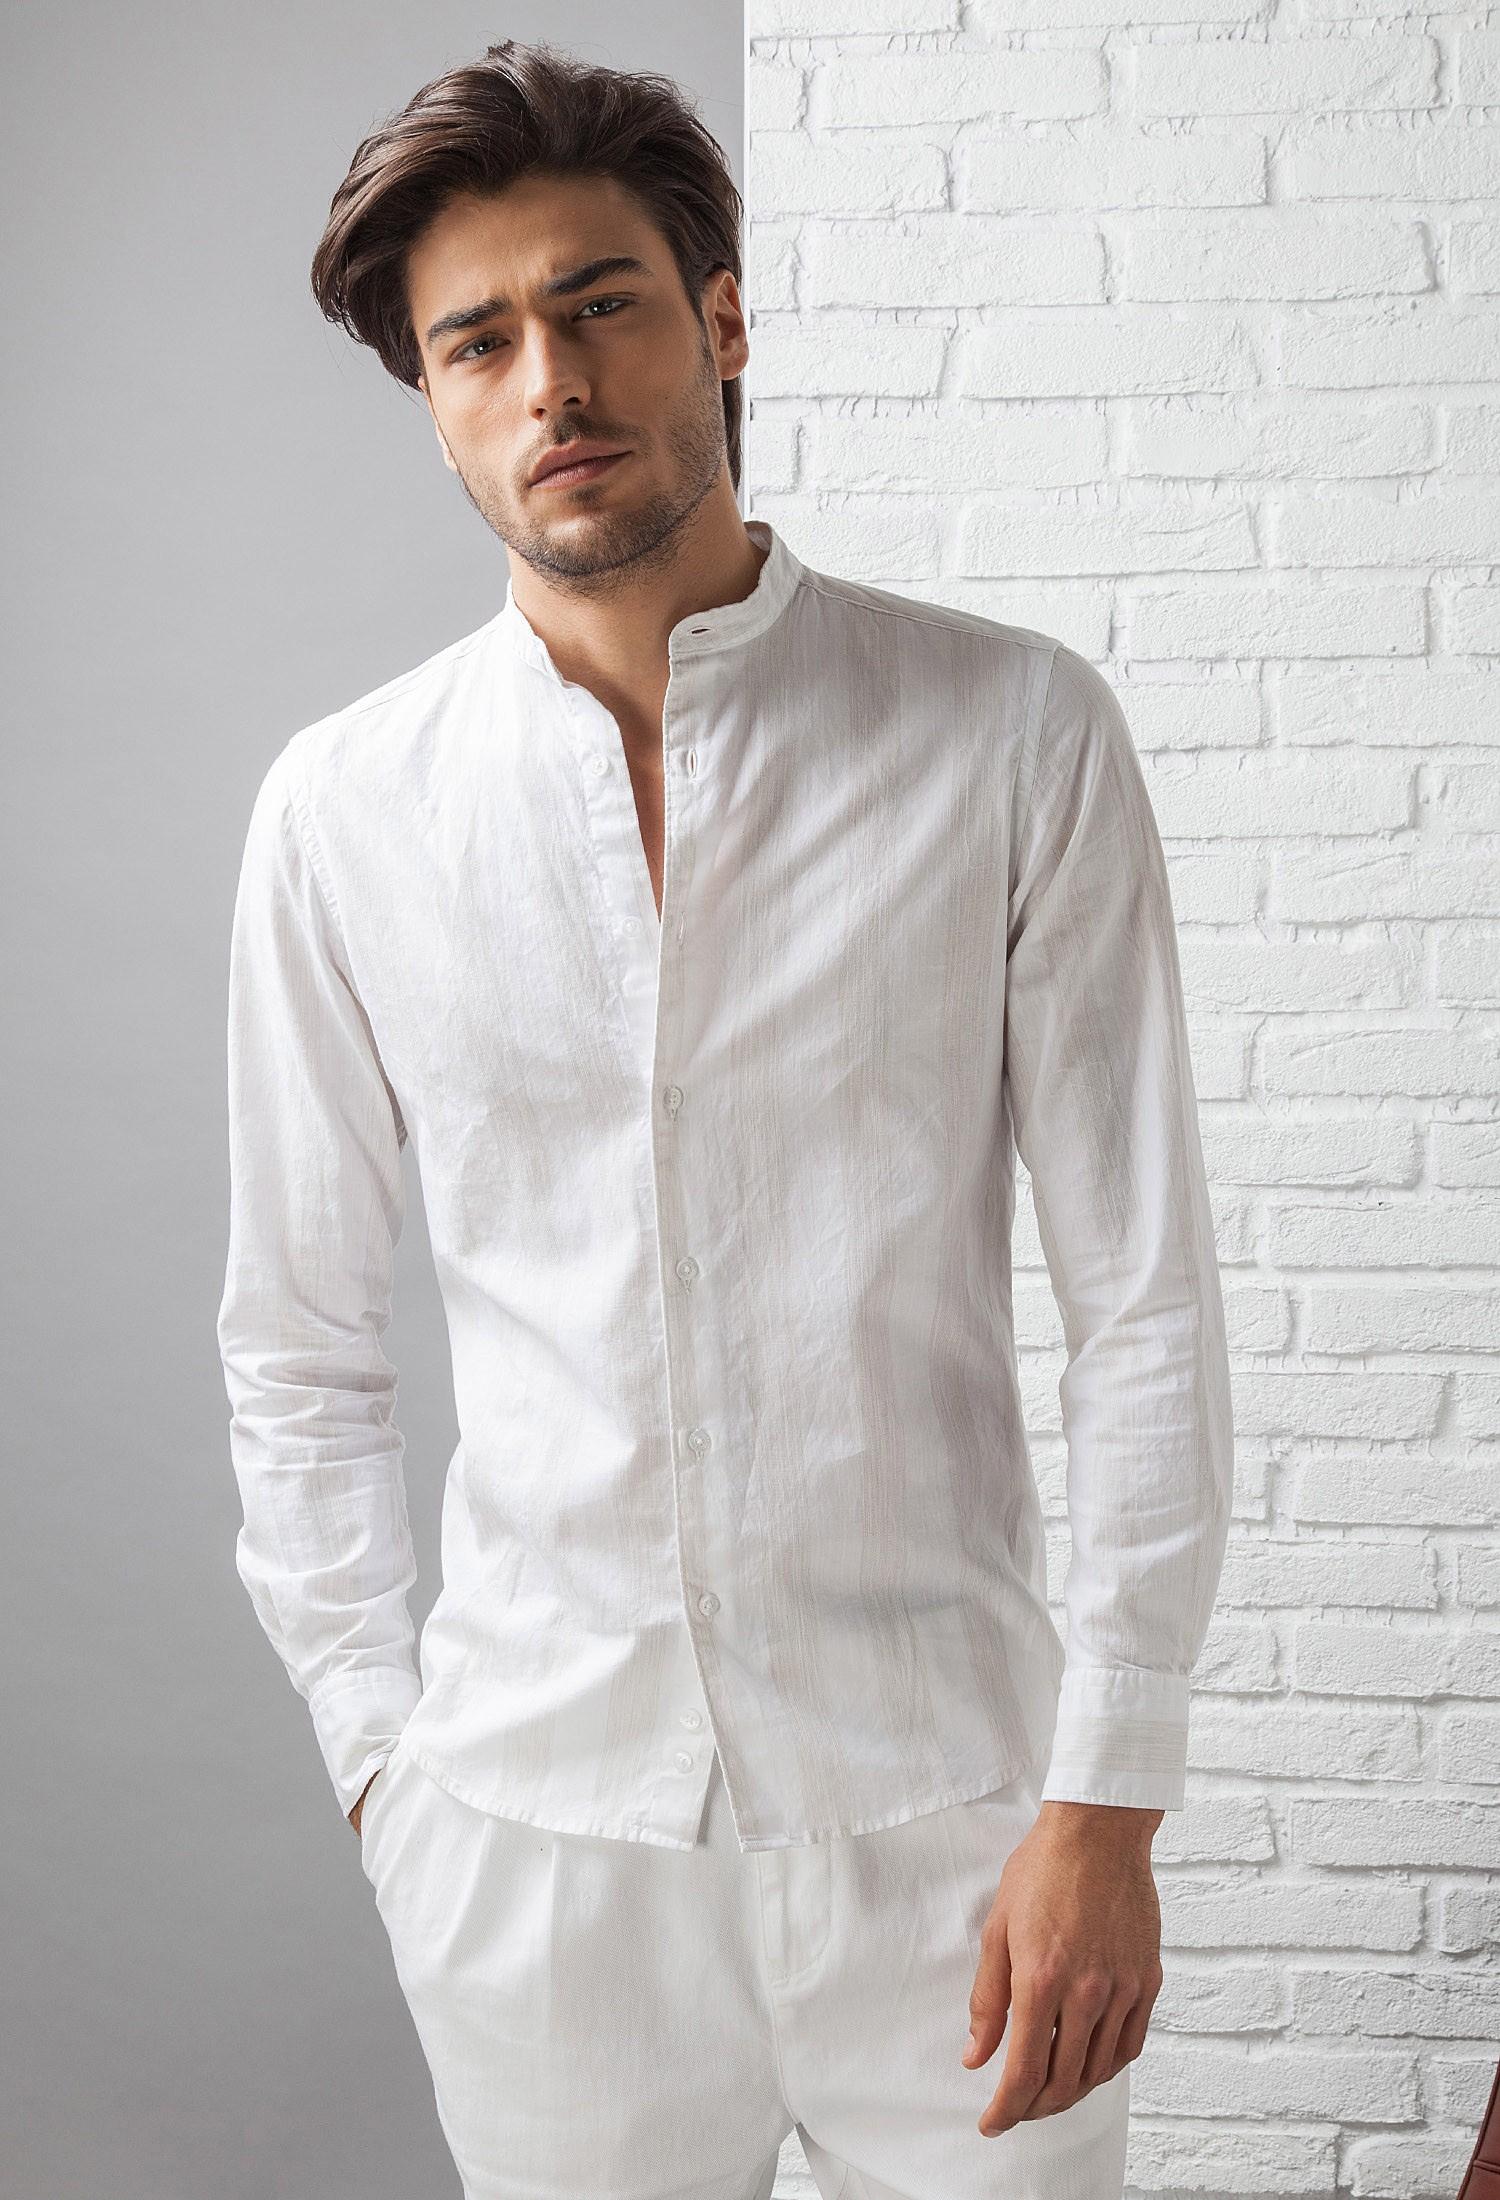 codice promozionale e35dc c45fc Camicia Uomo in Cotone C657_CW Fradi - Bianco - Beige Riga Larga